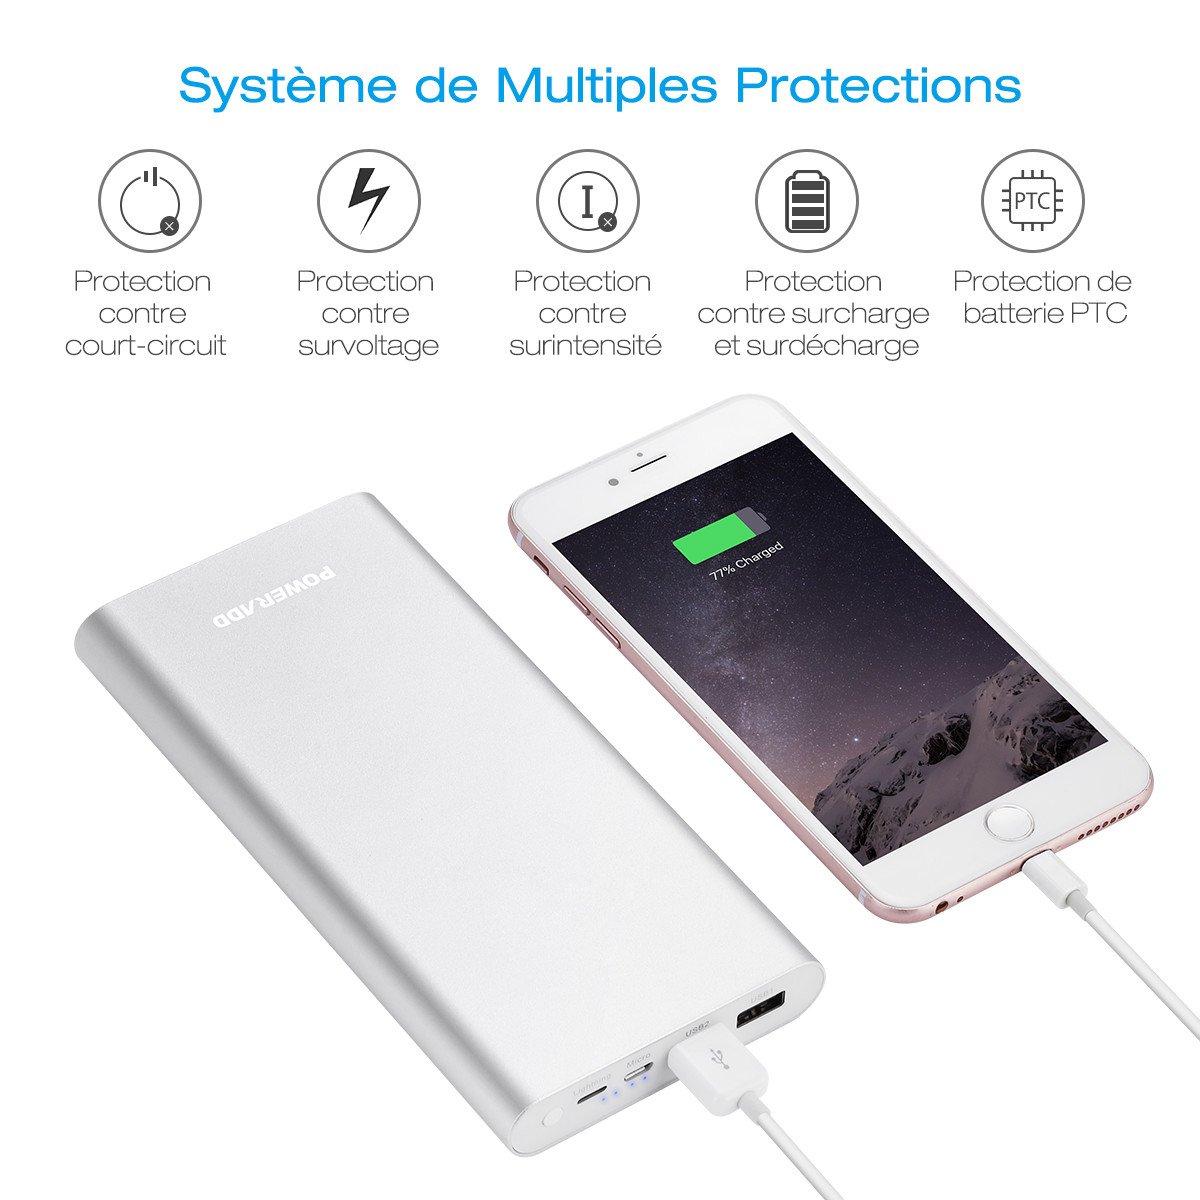 POWERADD Pilot 4GS Plus Batterie pour iPhone 20000mAh Grande Capacité Livré avec Câble Lightning et Câble Micro USB Charge Rapide pour iPhone, iPad, Samsung, Huawei et d'Autres Smartphones - Argent